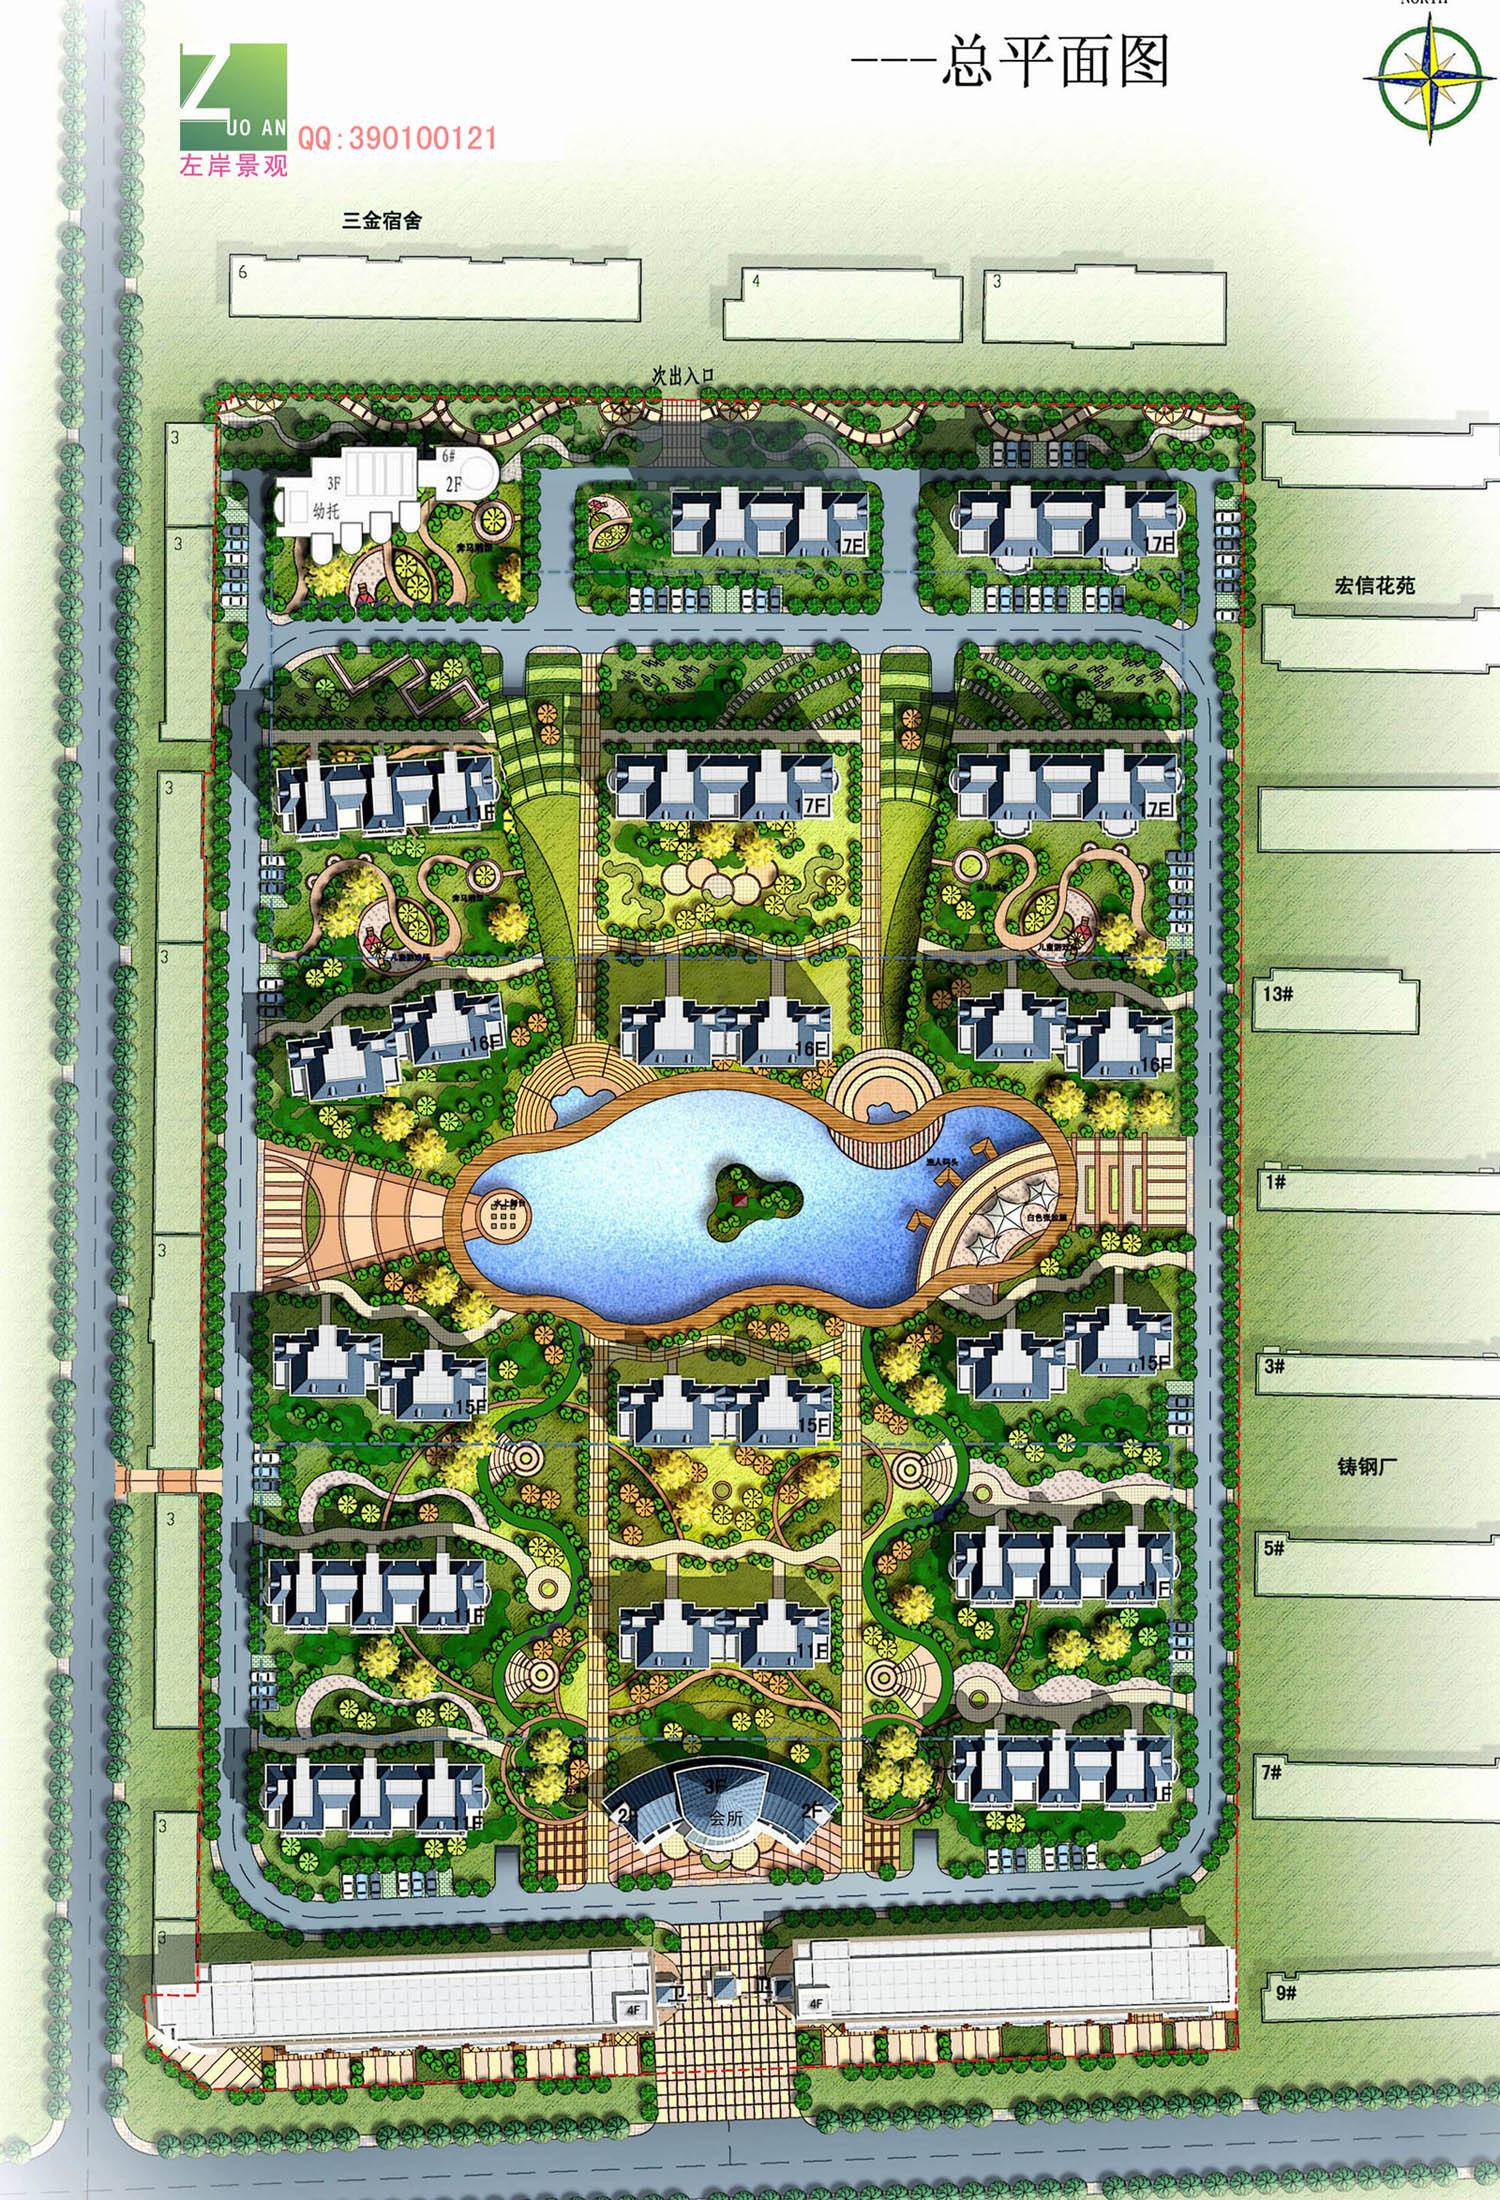 居住区景观规划谁